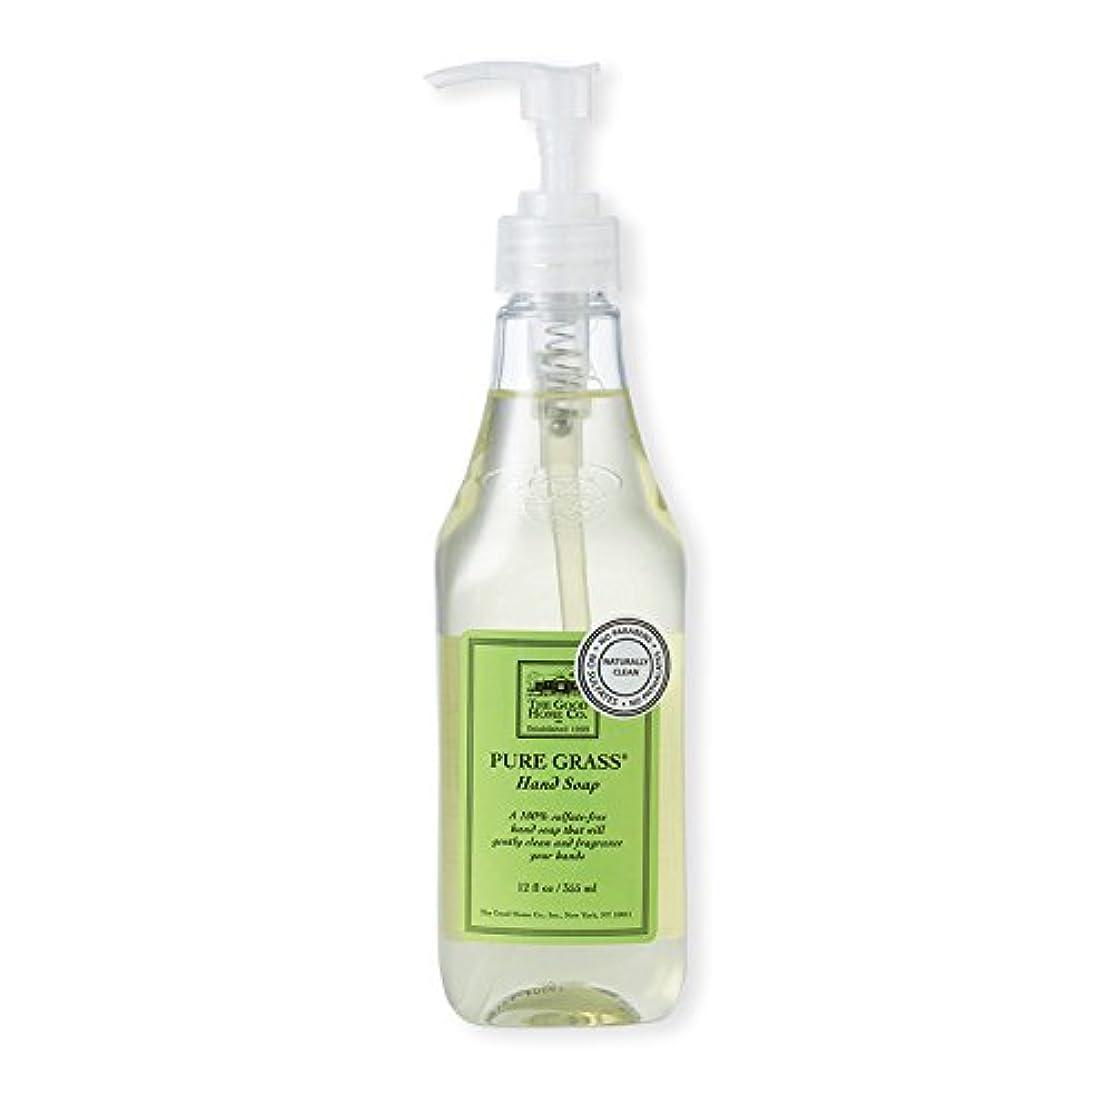 こんにちはスペシャリスト植物学者ザ グッドホーム カンパニー HAND SOAP ハンドソープ 石鹸 せっけん ギフト 355ml レディーズ (並行輸入品)